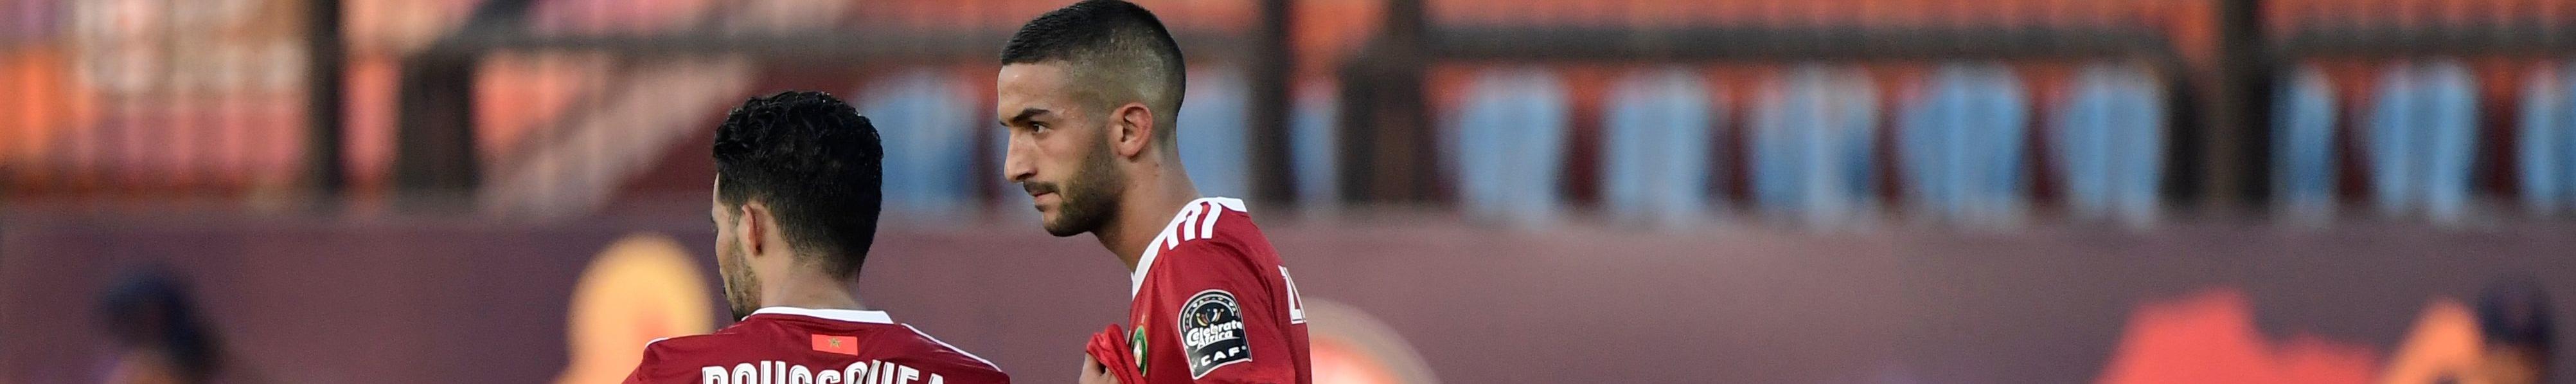 Marocco-Costa d'Avorio, un confronto per puntare in alto